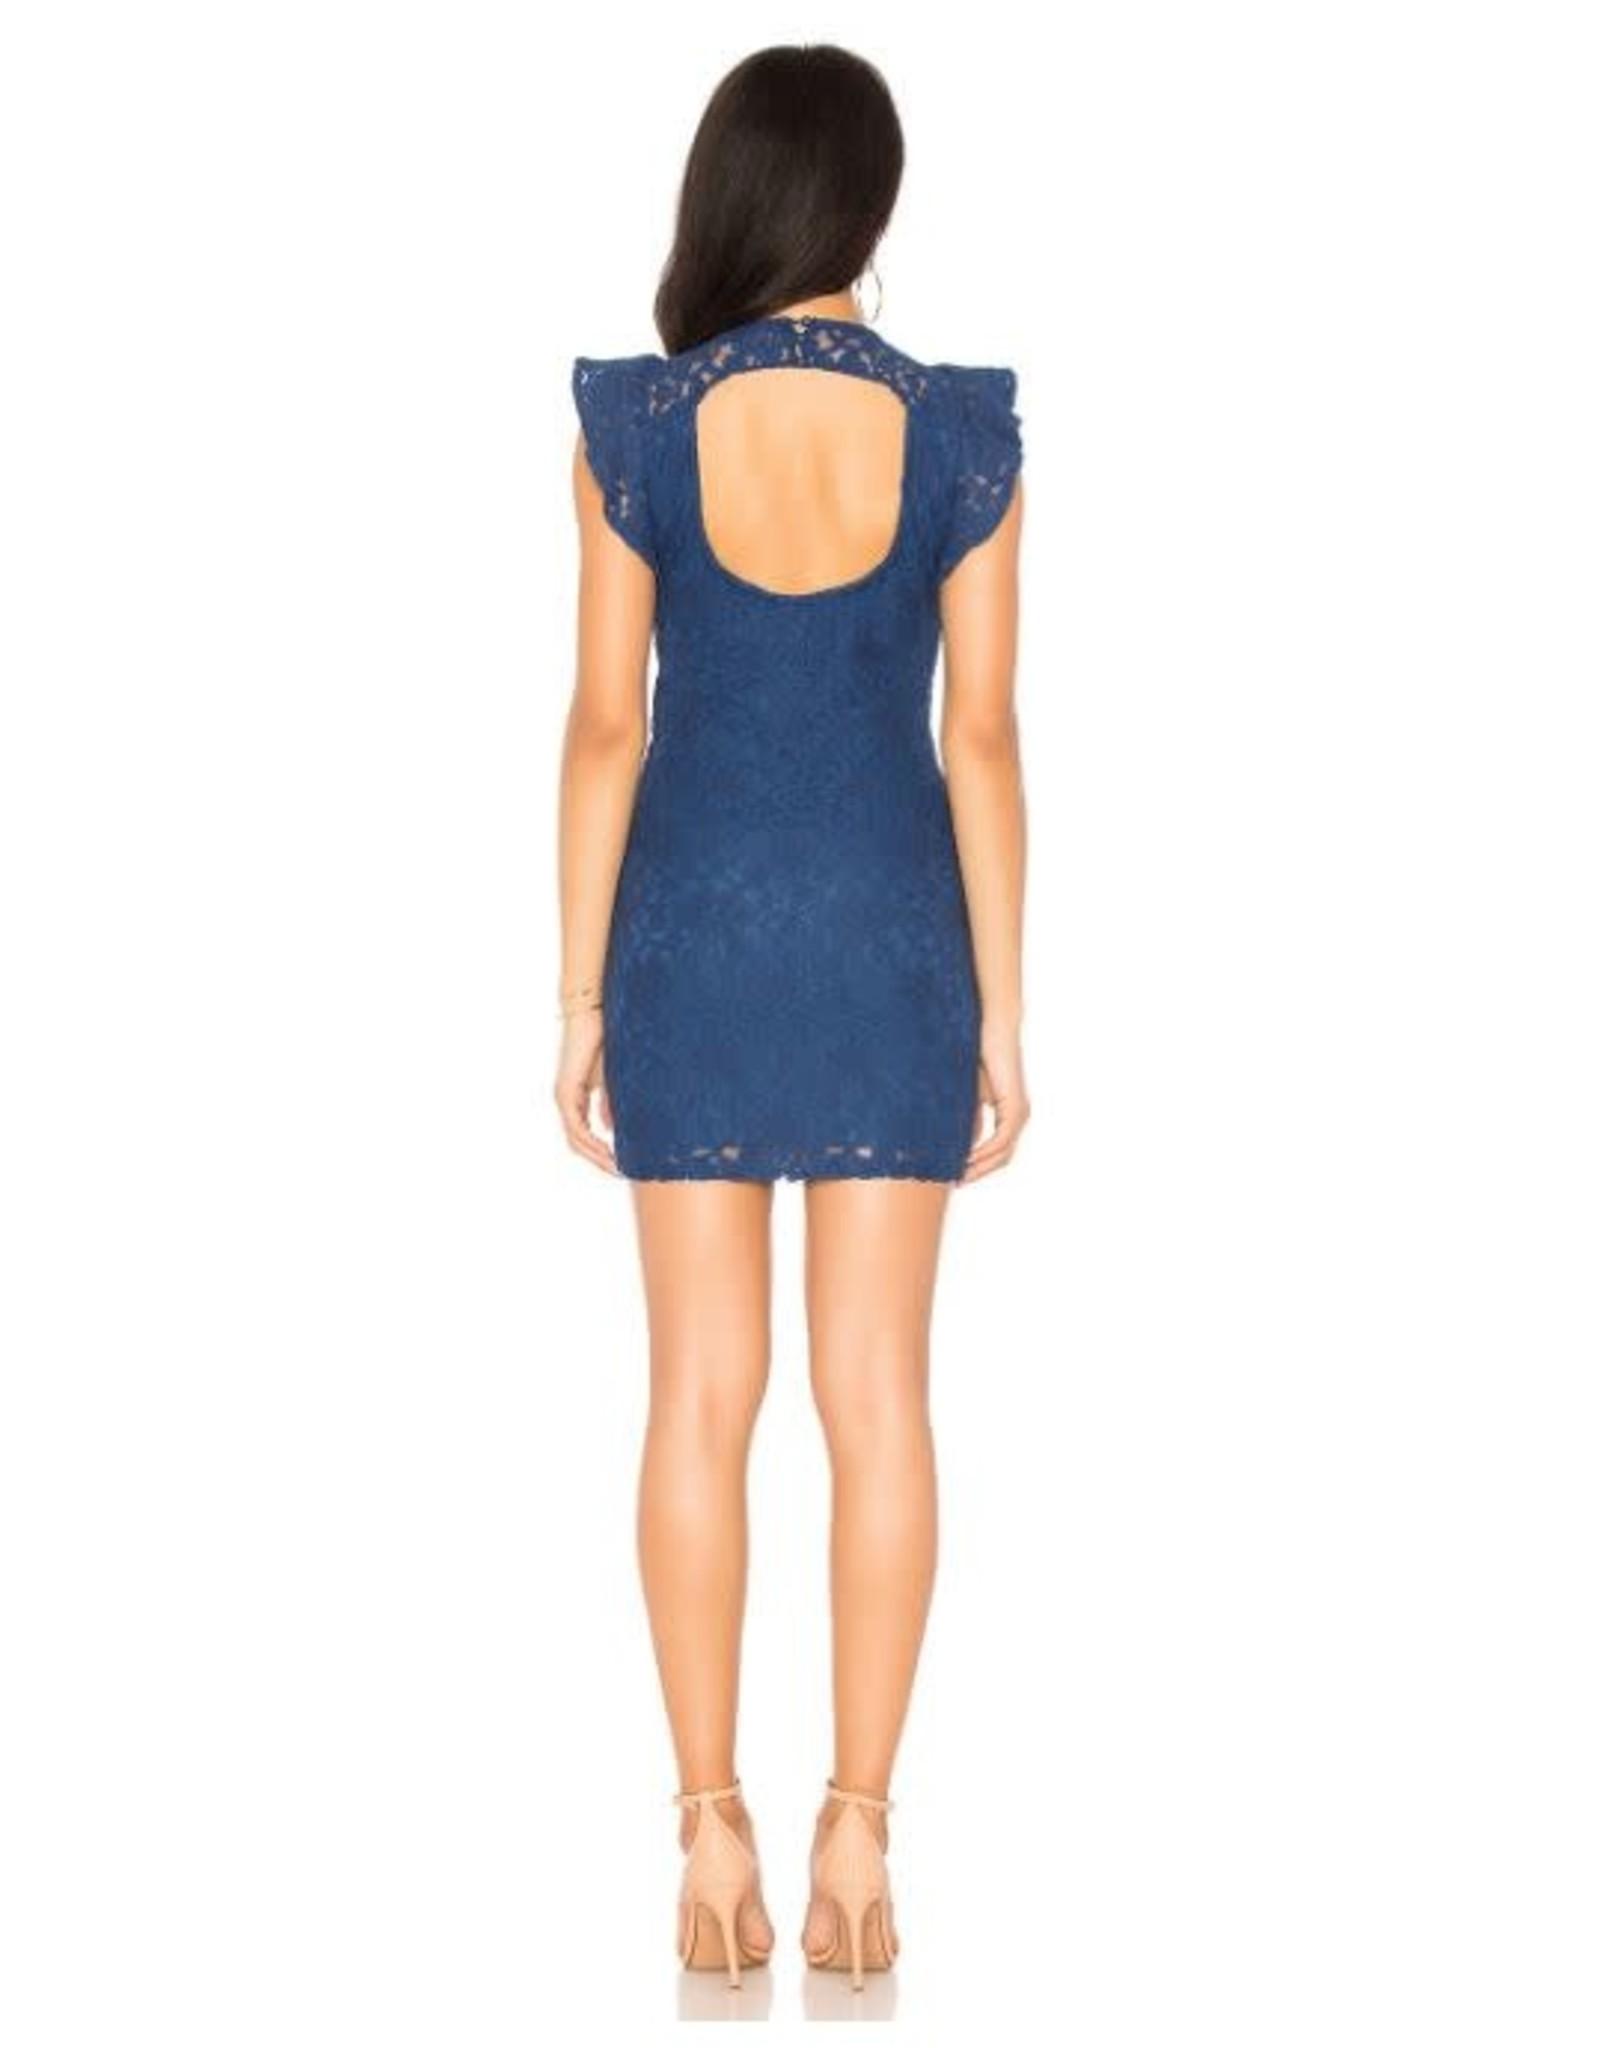 Jack Blue Lace Cut-Out Back Dress